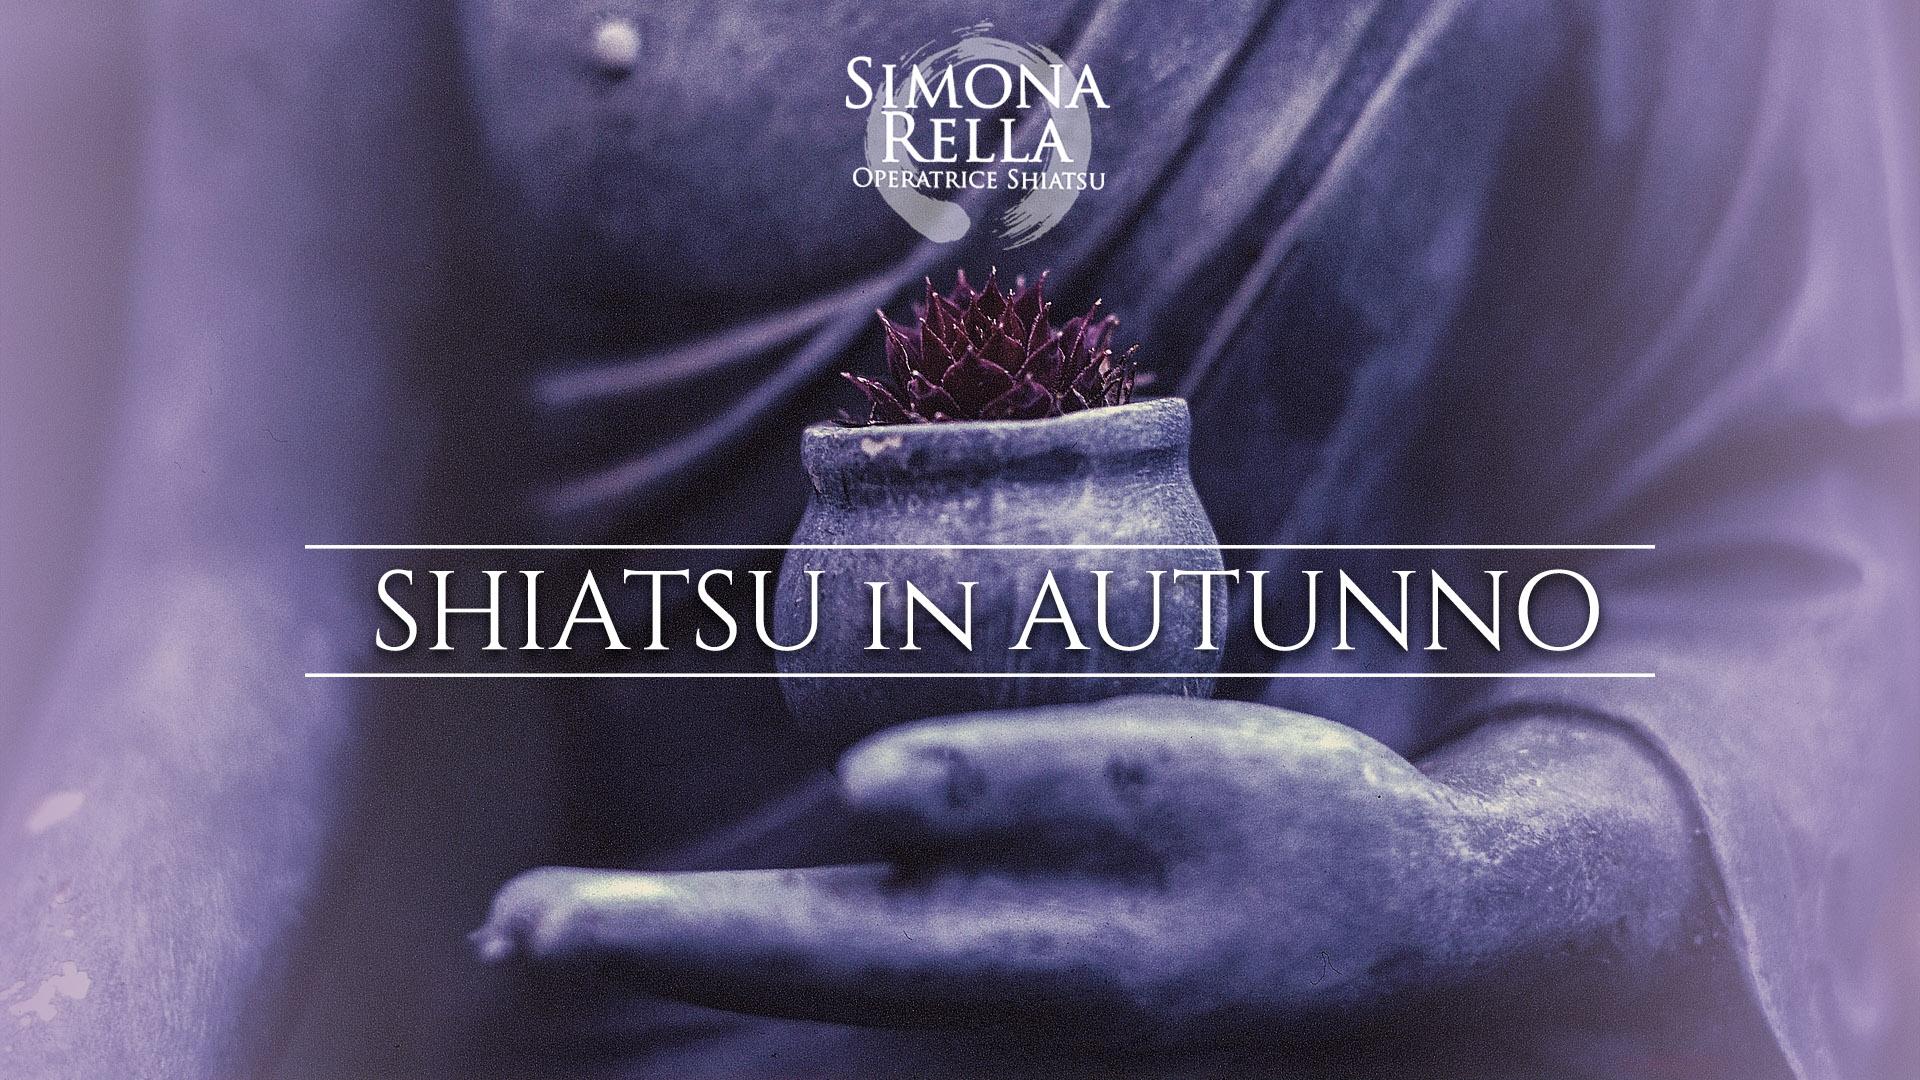 shiatsu-in-autunno__simonarella-shiatsu